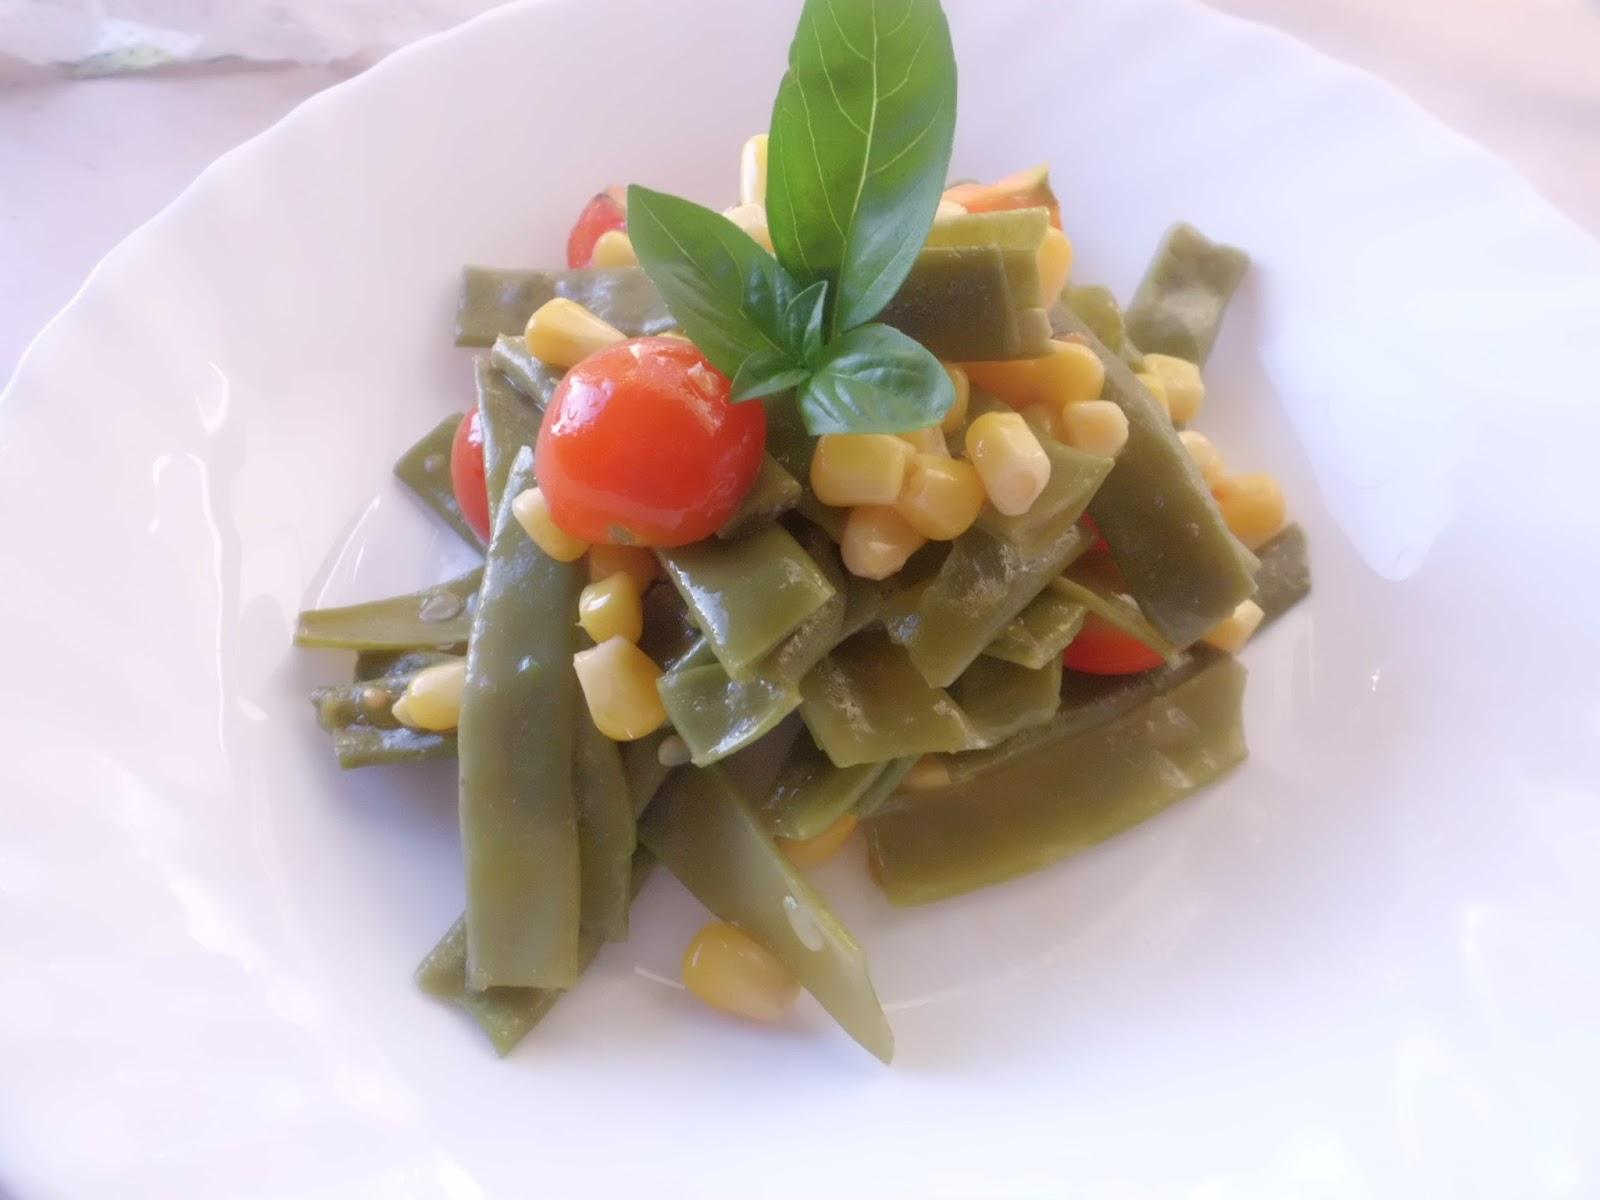 insalata fresca di taccole all'aroma di basilico